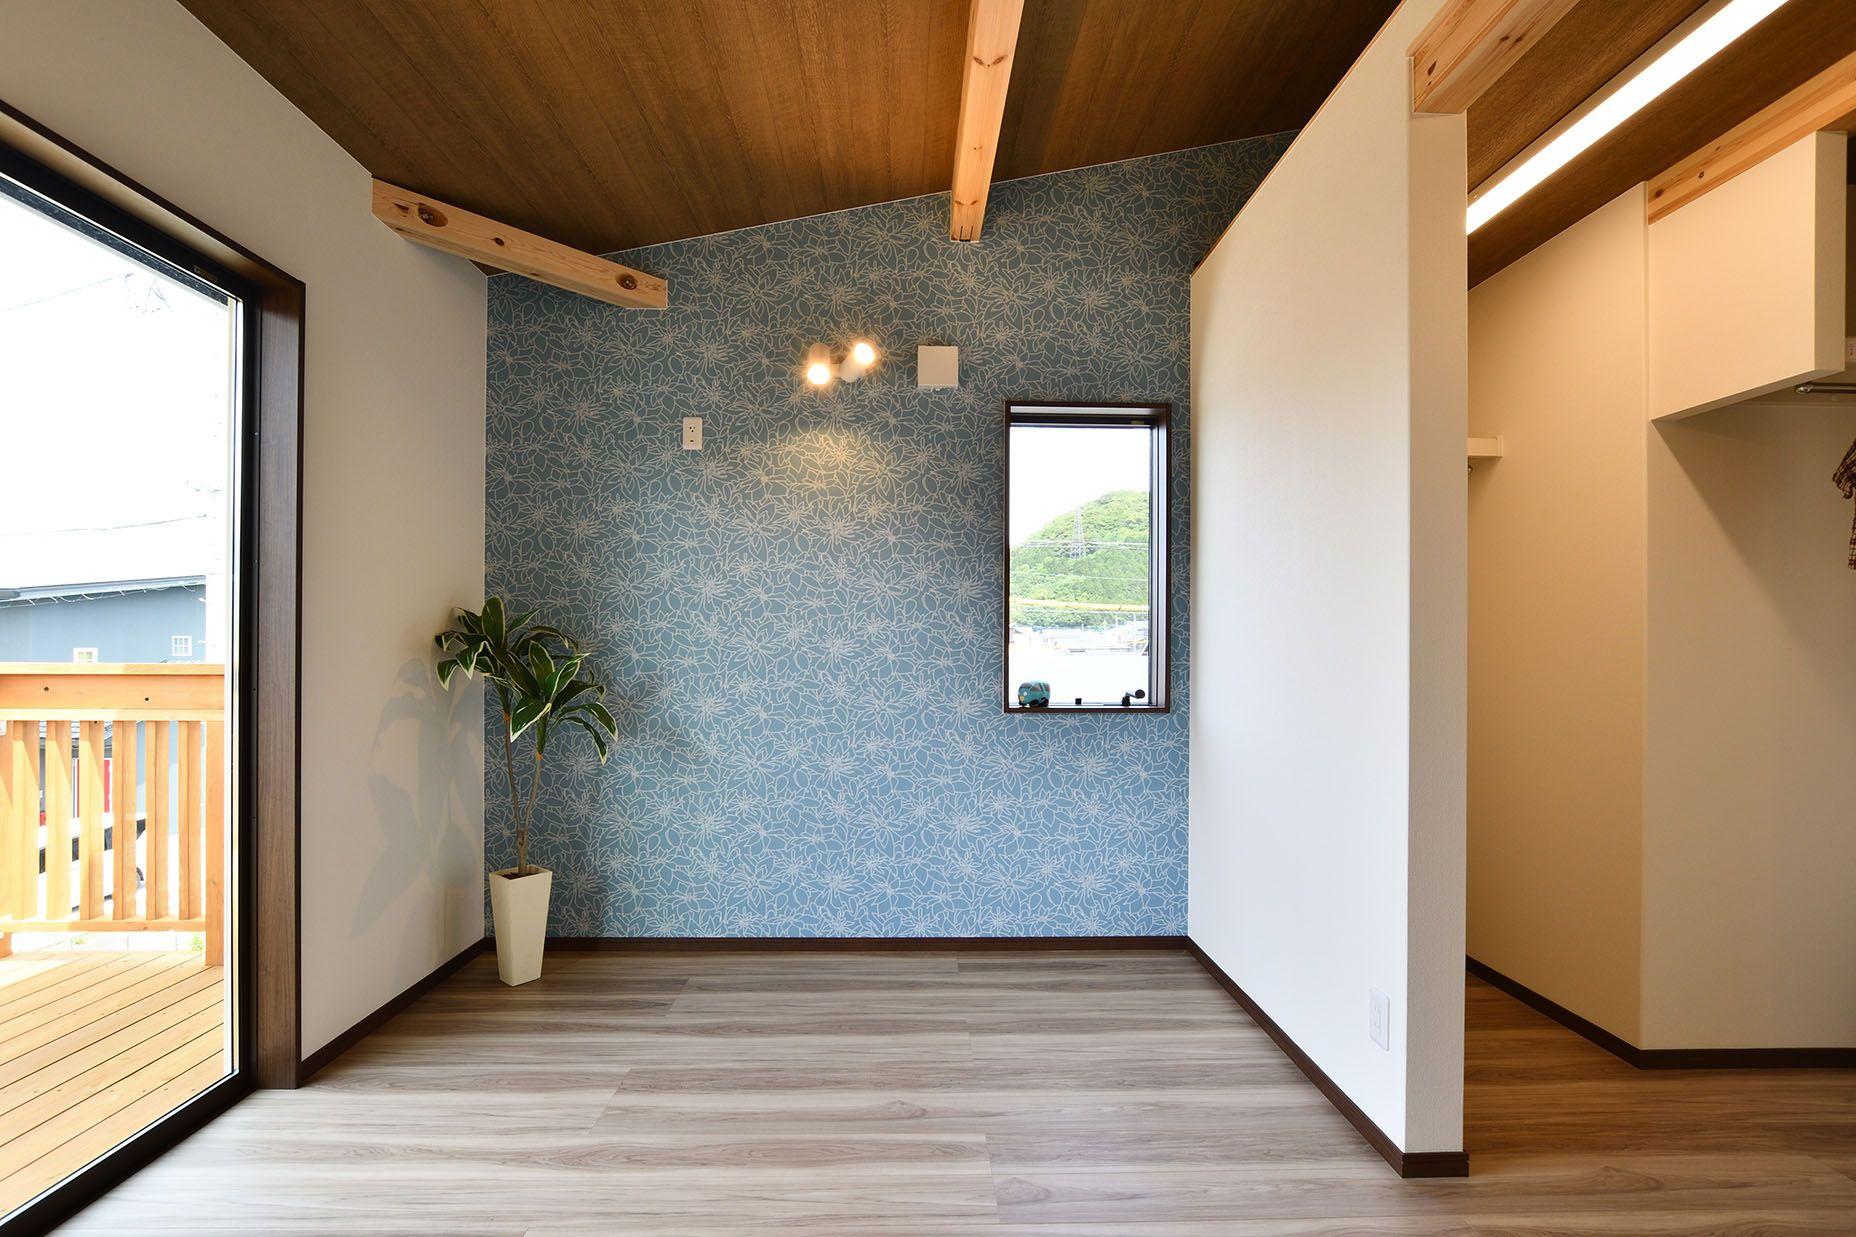 Booots2 0 長崎市 長崎で家を建てるならマイハウス ハウス 家を